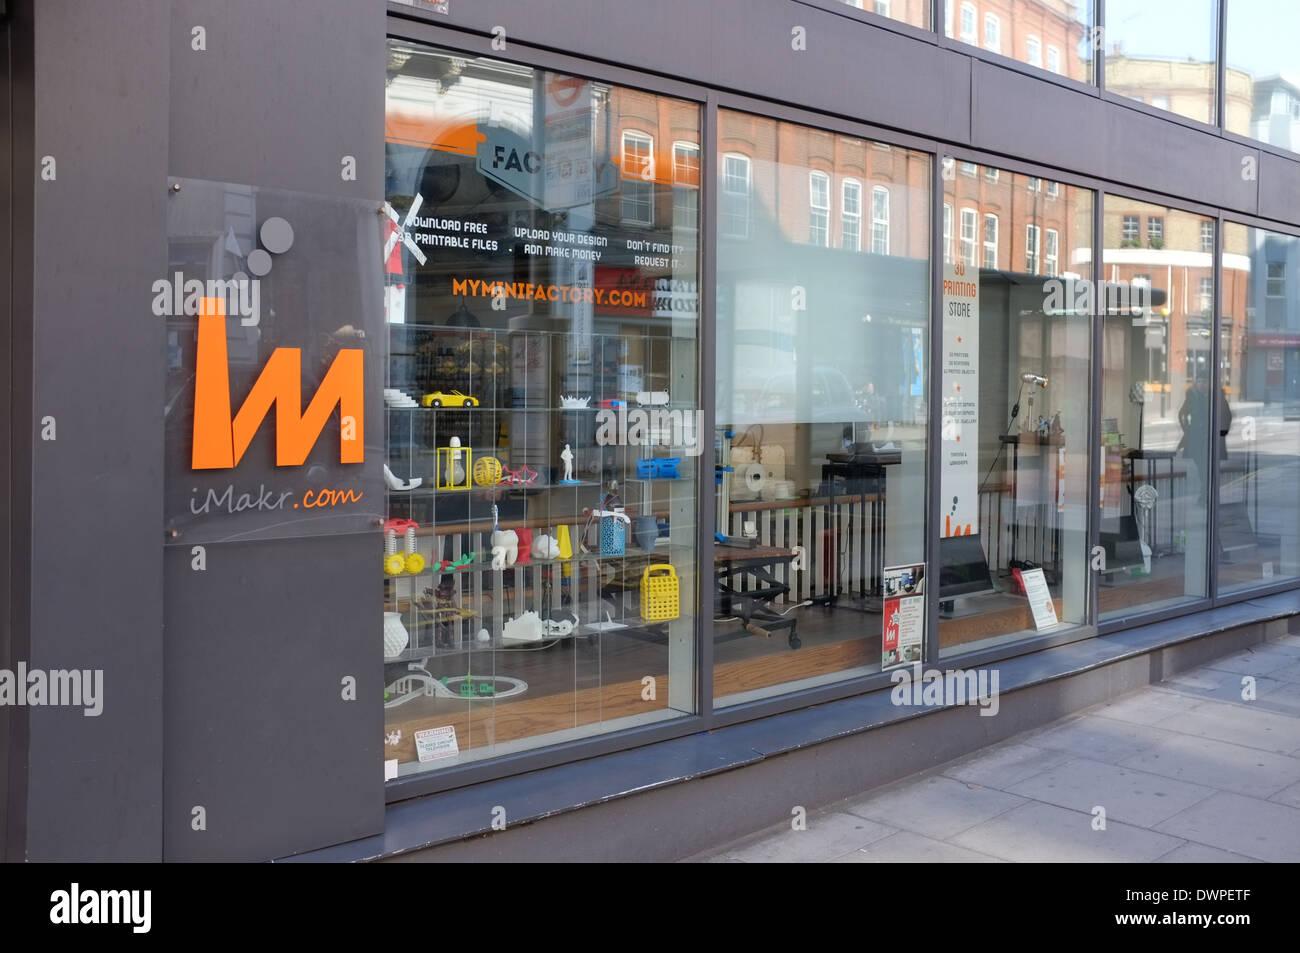 The iMakr 3D printing store, 79 Clerkenwell Road London EC1R 5AR UK - Stock Image